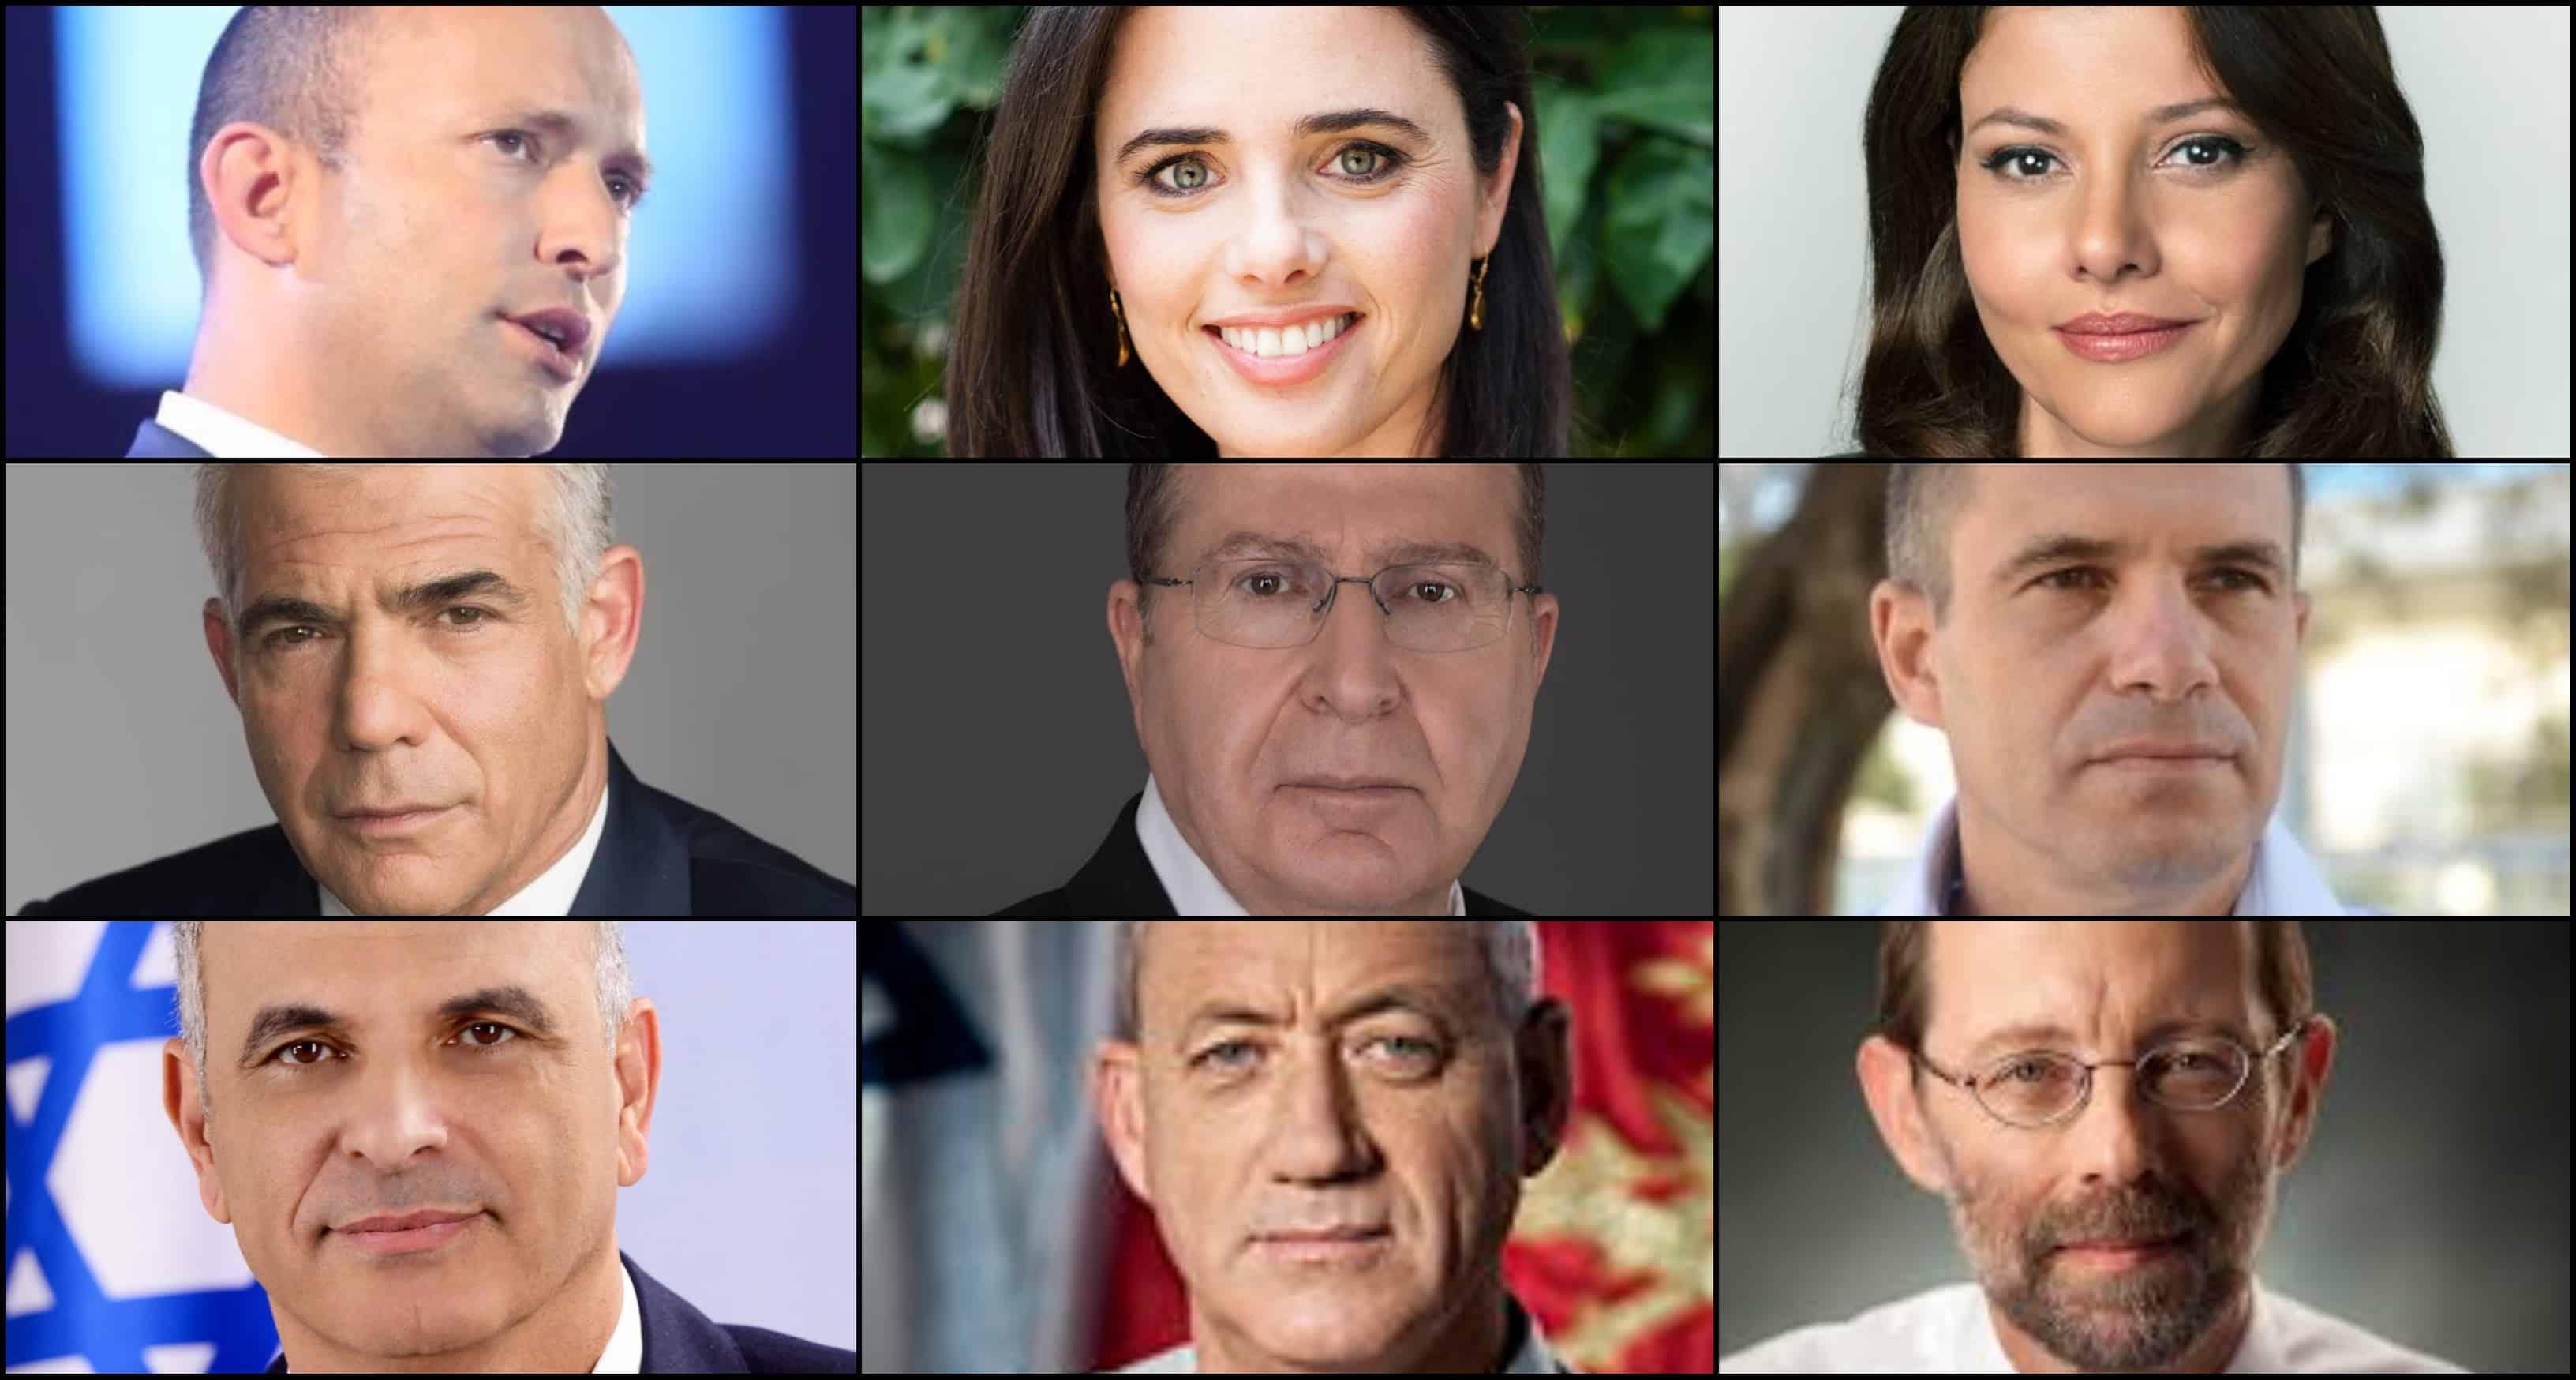 ראשי וראשות מפלגות. צילומי מסך מתוך עמודי הפייסבוק